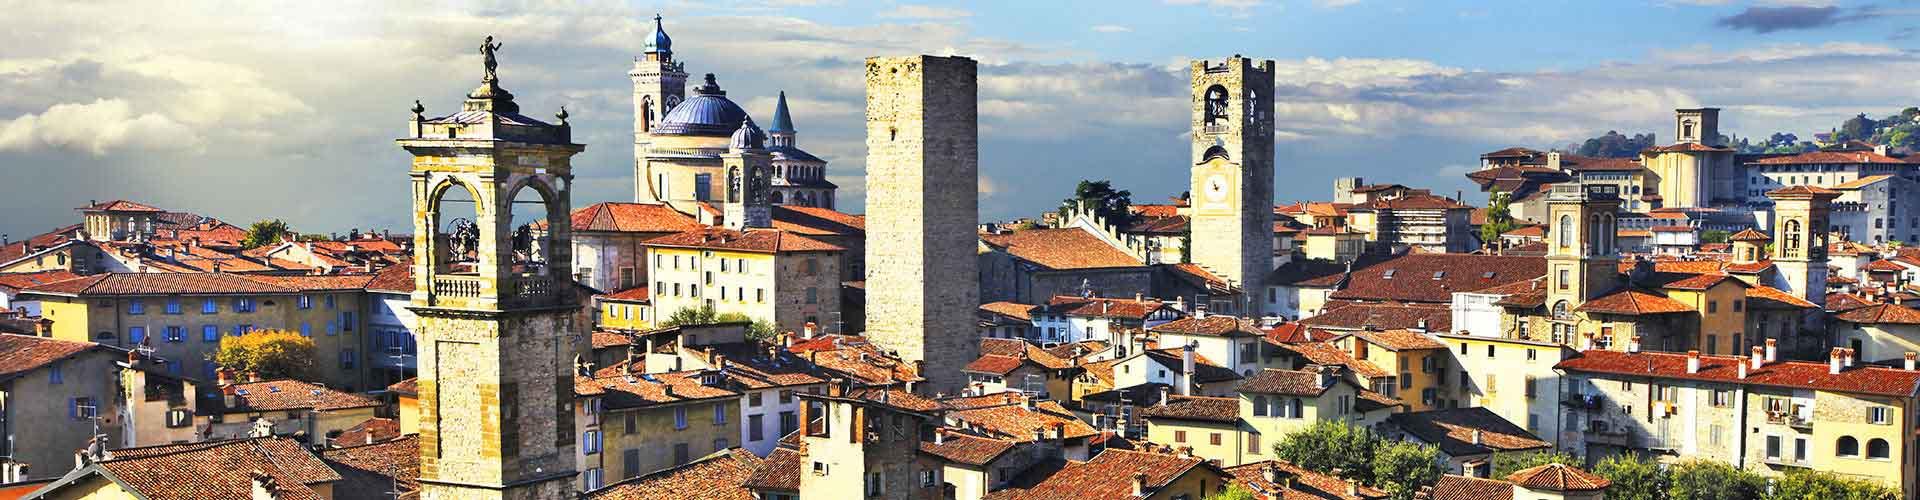 Bergamo - Chambres à Bergamo. Cartes pour Bergamo, photos et commentaires pour chaque chambre à Bergamo.